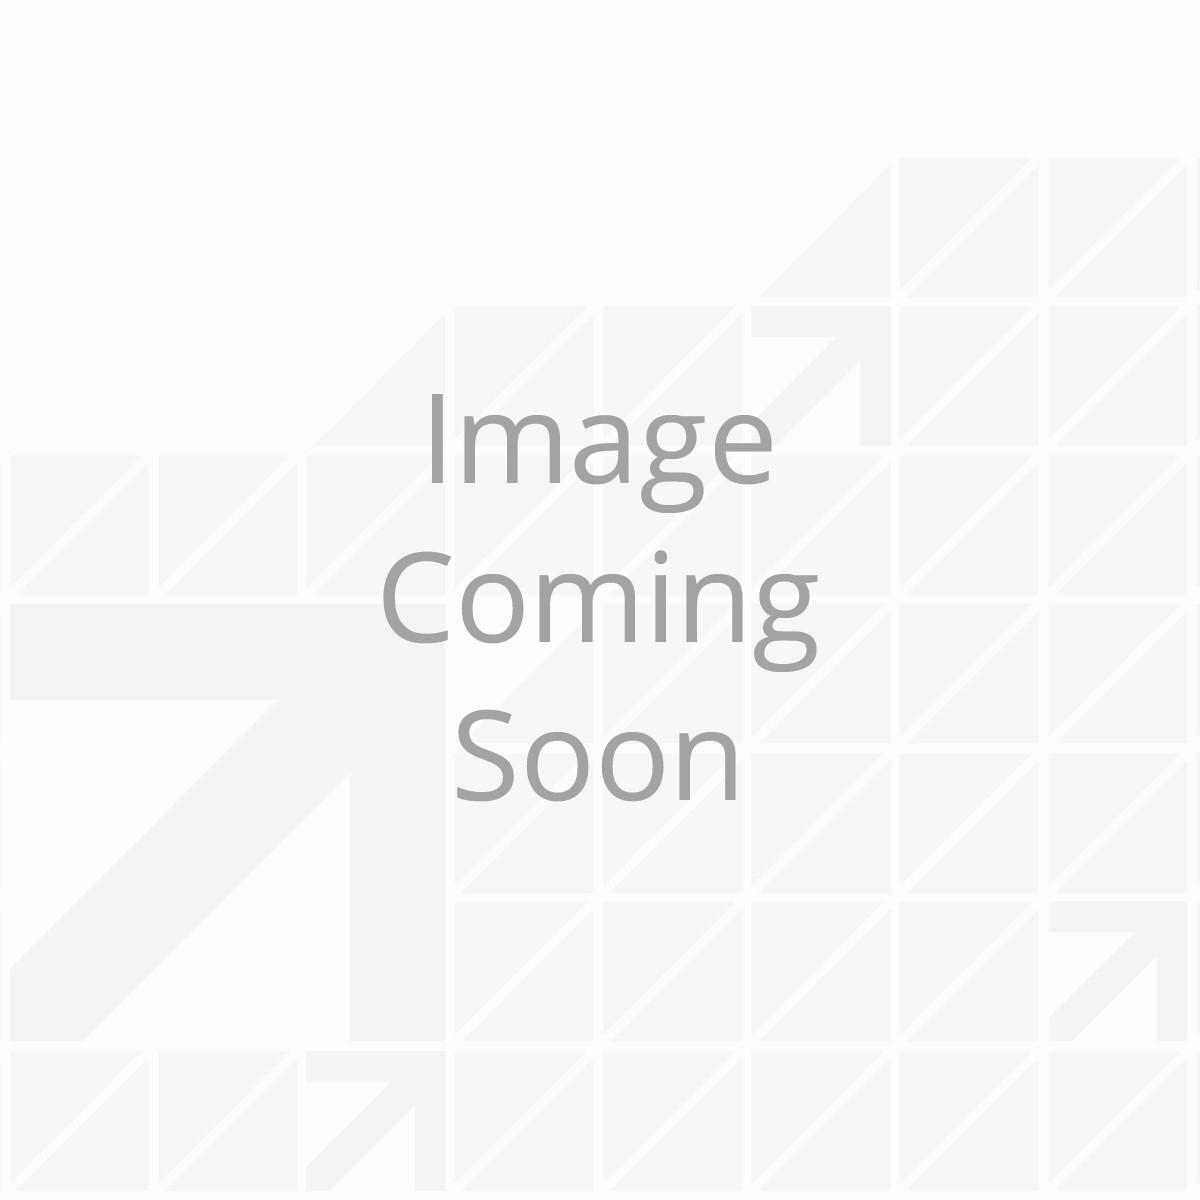 Door Insert Panel for 10 cu ft Refrigerator, Stainless Steel